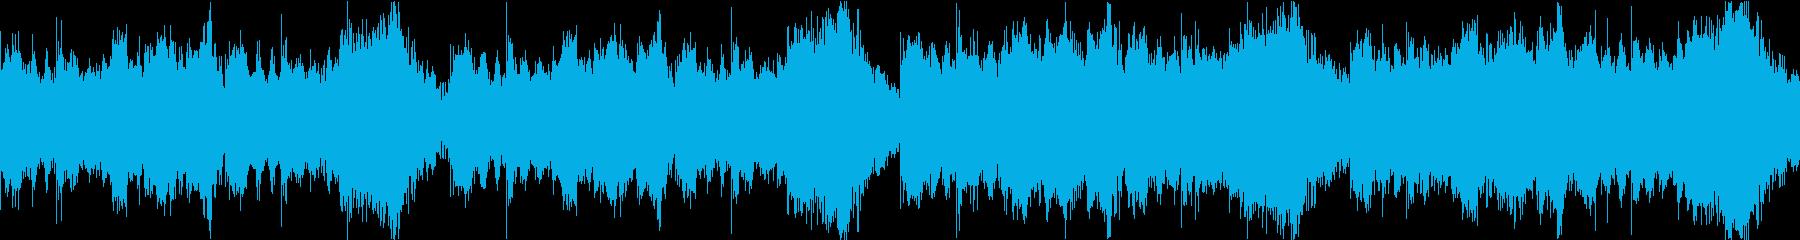 サスペンス/戦闘/ホラー/ループ処理済の再生済みの波形